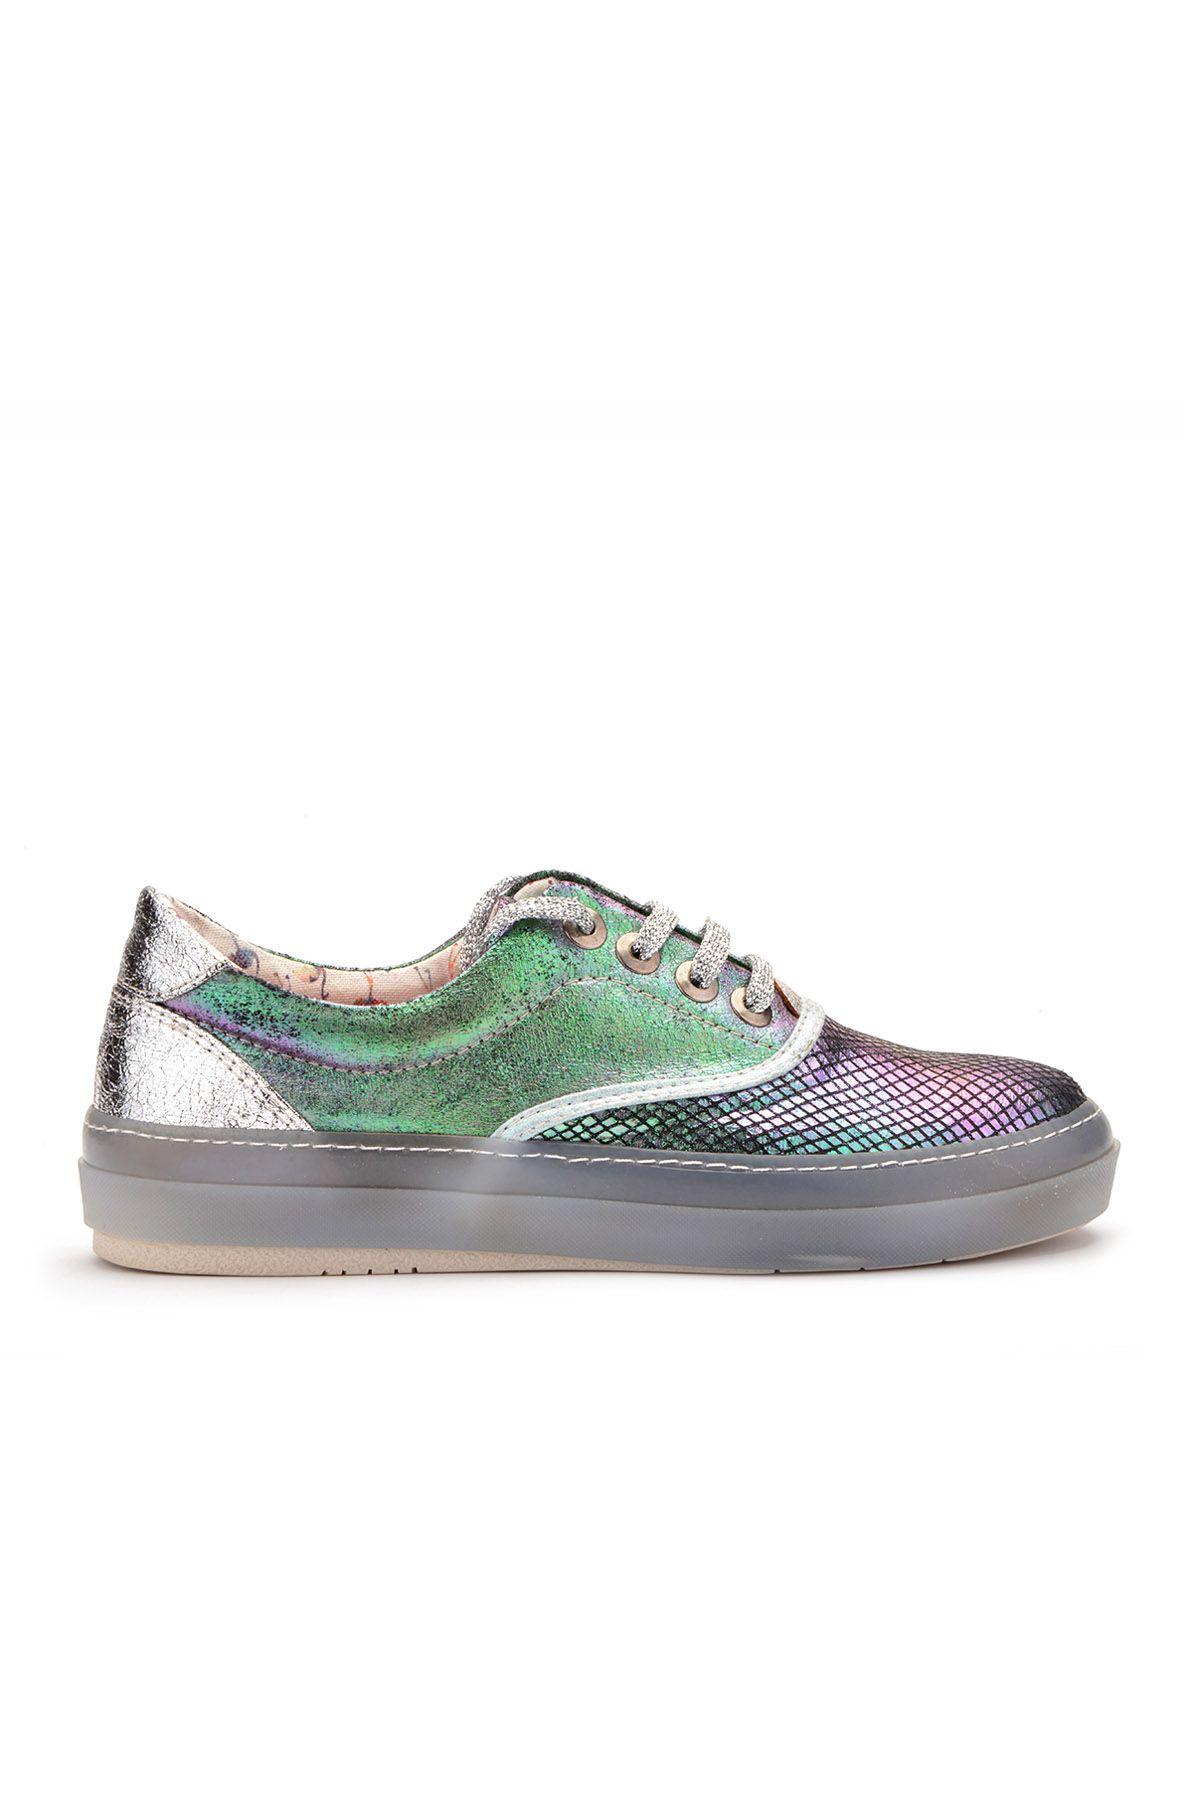 Art Goya Hologram Baskı Simli Bayan Günlük Ayakkabı  Yeşil